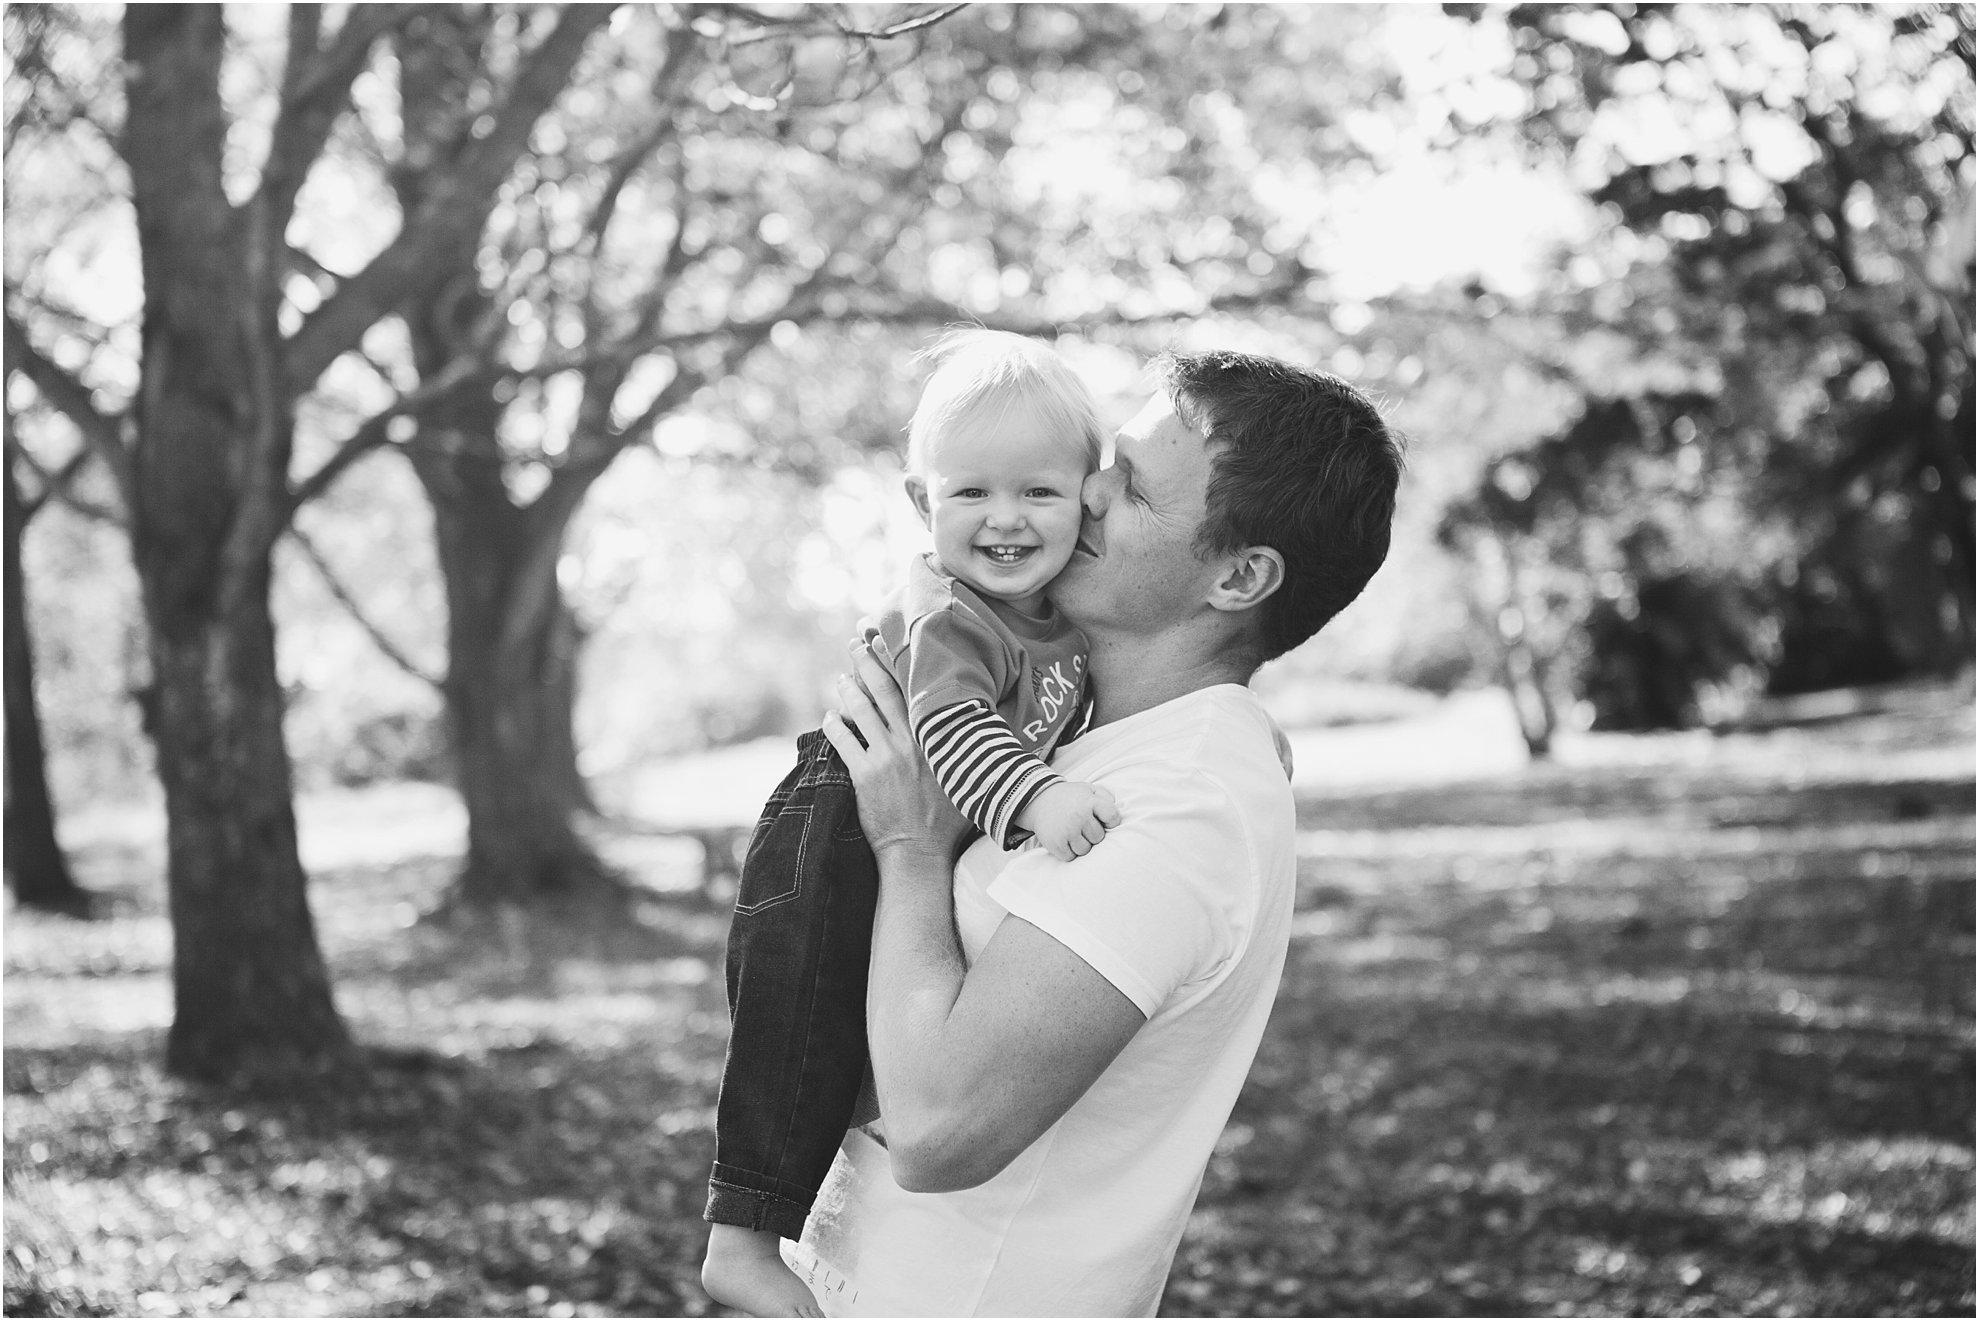 FIONA CLAIR PHOTOGRAPHY Bryan & Stacey Rennie 06 06 2013_0370